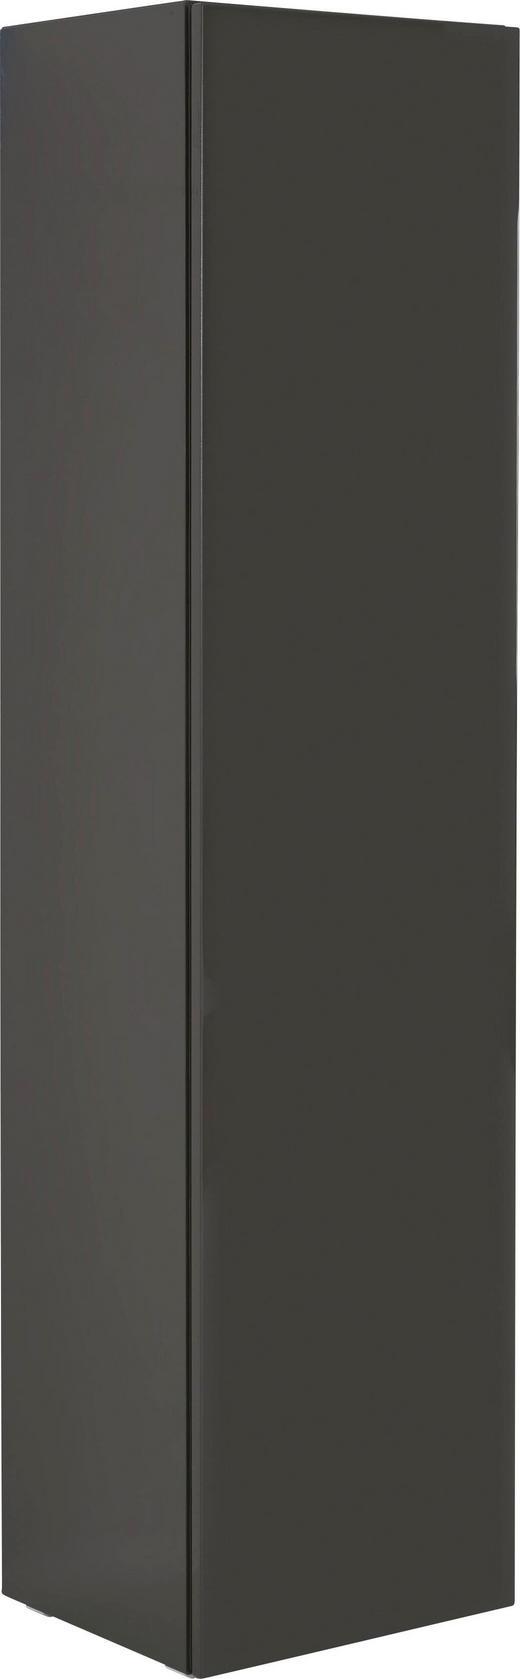 GARDEROBENSCHRANK - Grau, Design, Holzwerkstoff (52,8/213/45cm) - Hülsta